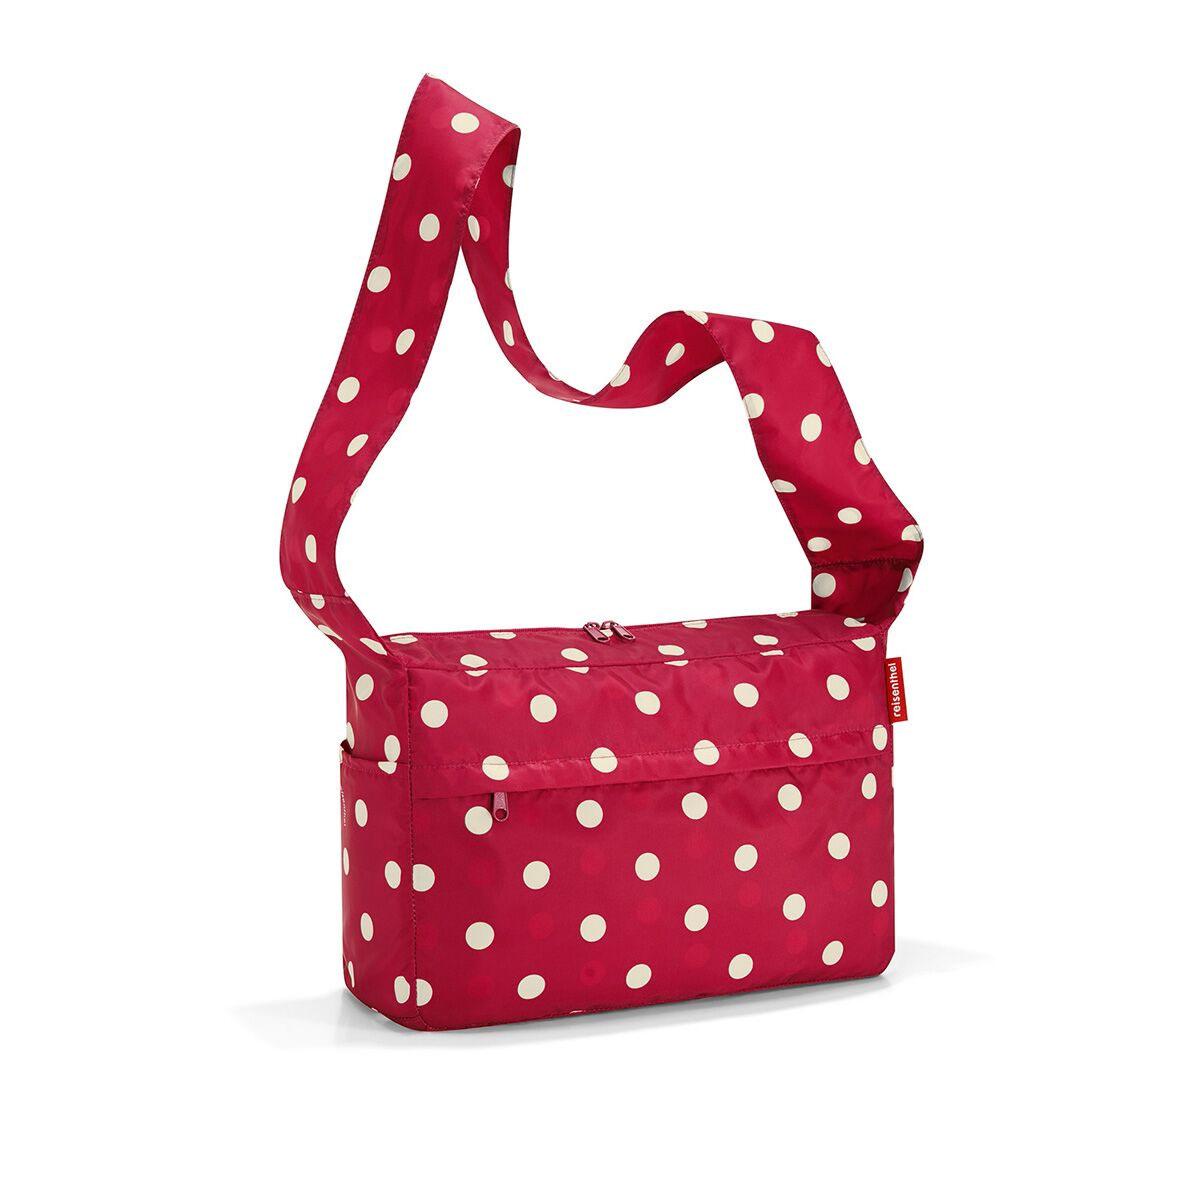 Сумка-шоппер жен. Reisenthel, цвет: красный. AL3014AL3014Мультифункциональная сумка через плечо. Главная особенность: вы можете сложить сумку в ее собственный внутренний карман, взять с собой и достать, как только потребуется что-то перенести. Просторное основное отделение закрывается на молнию. Один карман на молнии внутри и еще один снаружи. Так же по бокам есть два дополнительных кармана. Объем - 9 литров.